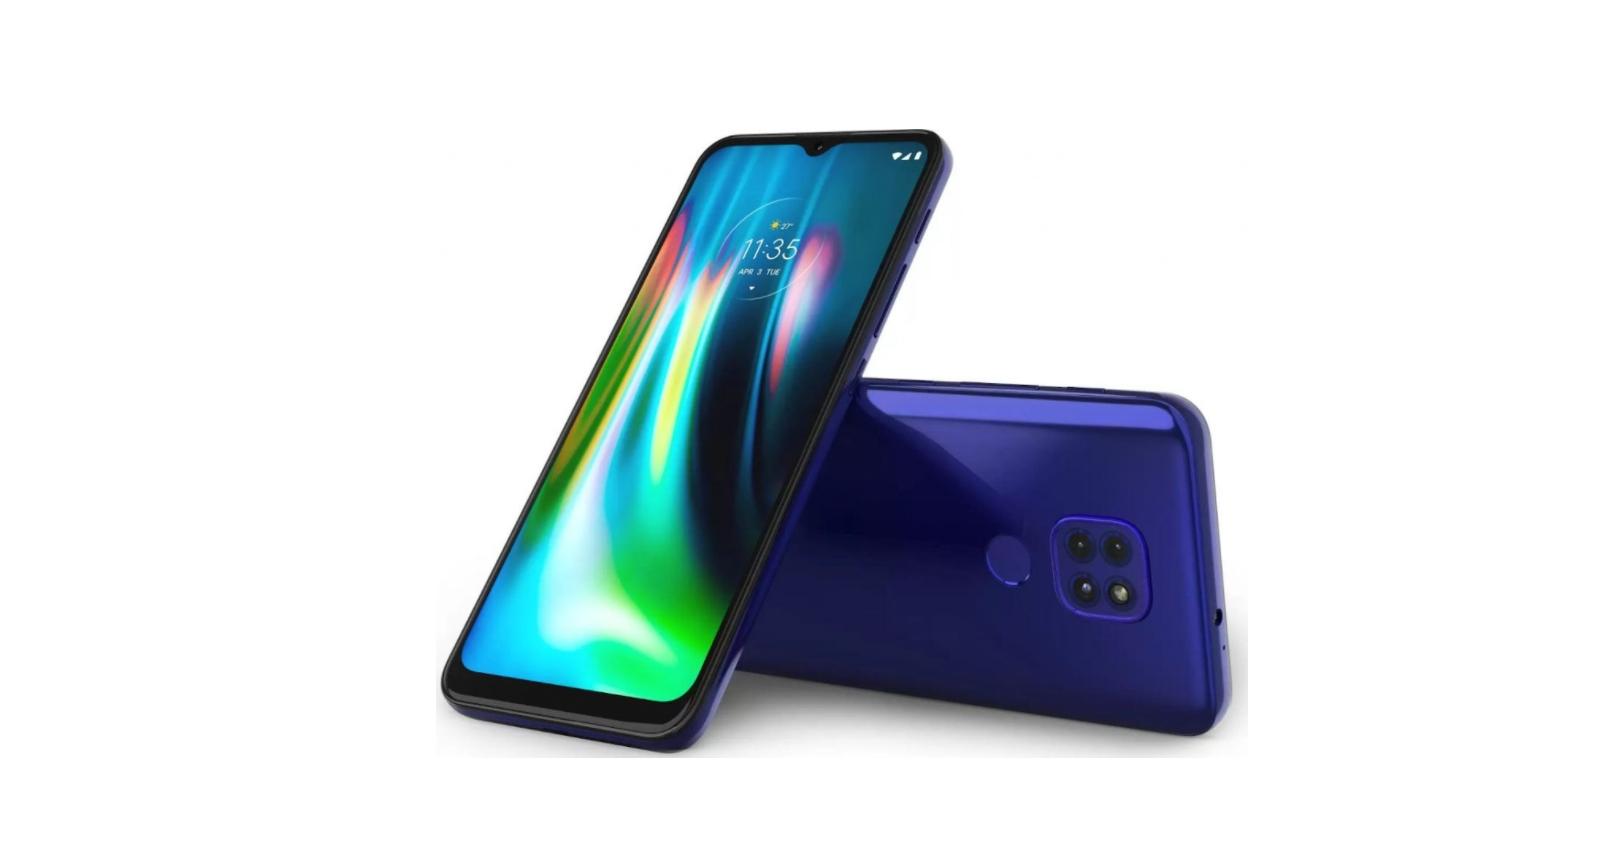 Motorola představila Moto G9 Play, stojí 4999 Kč [aktualizováno]